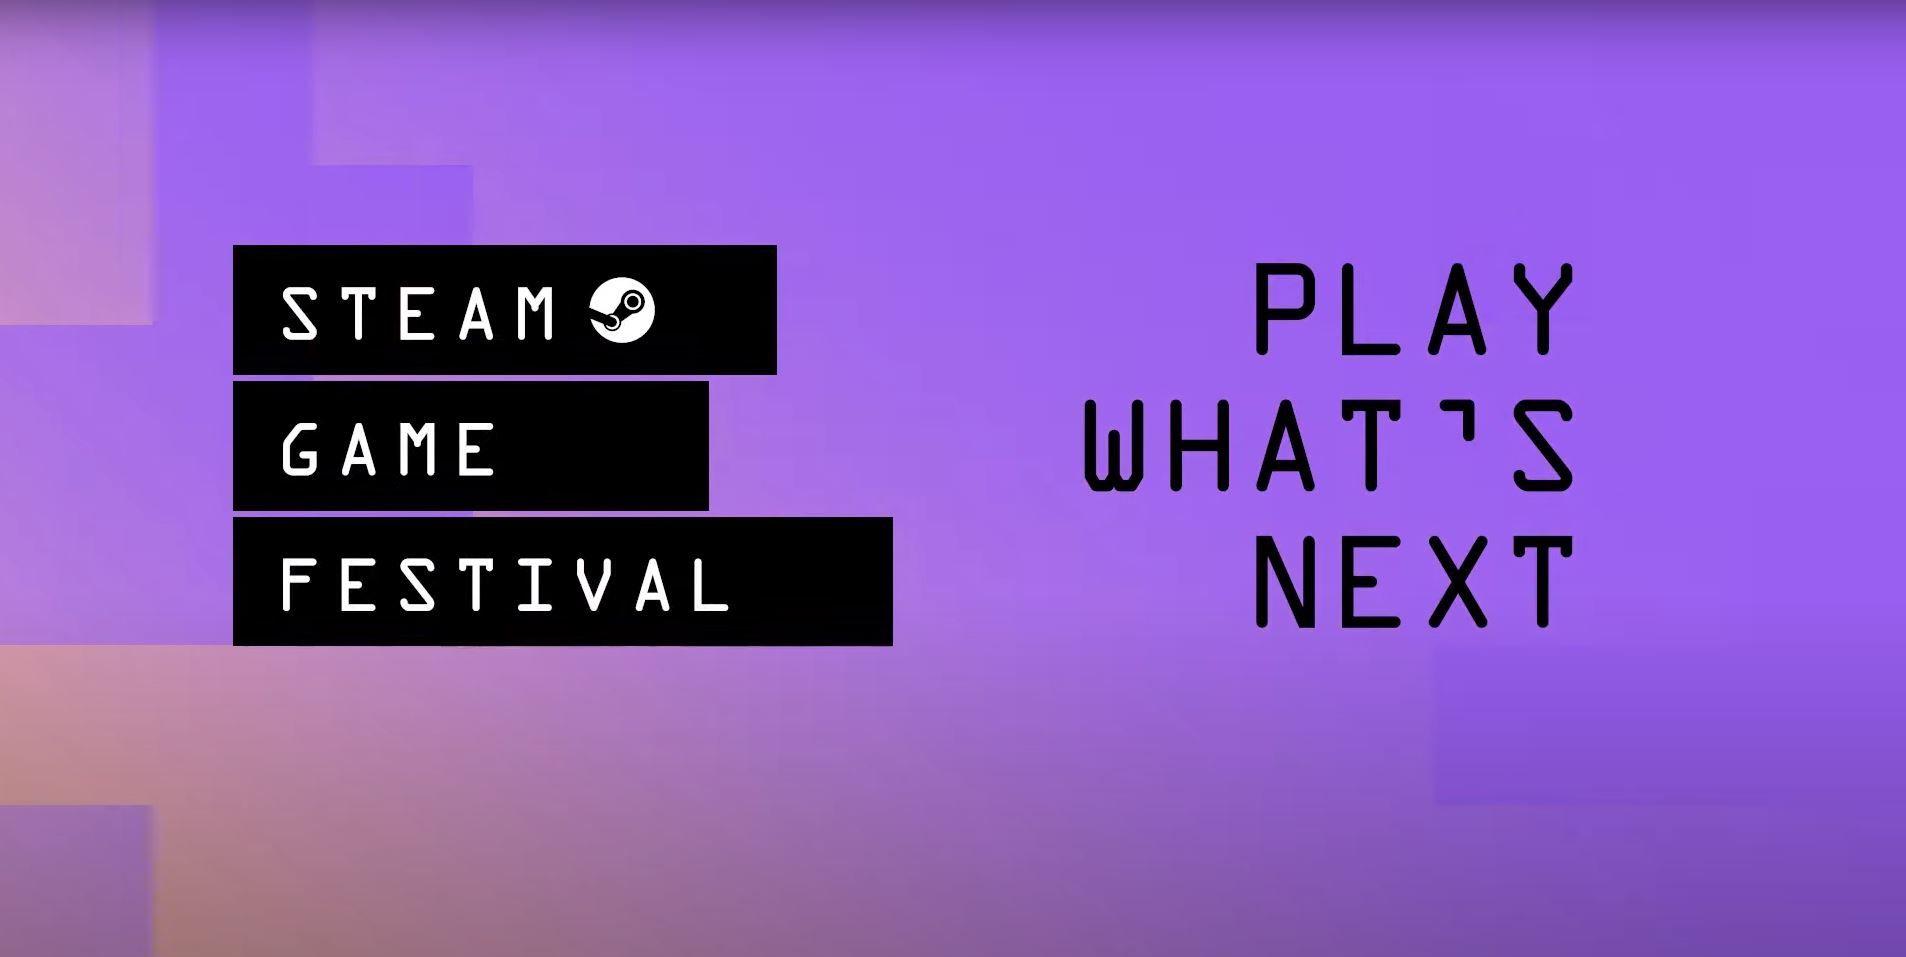 steamgamefest.jpg